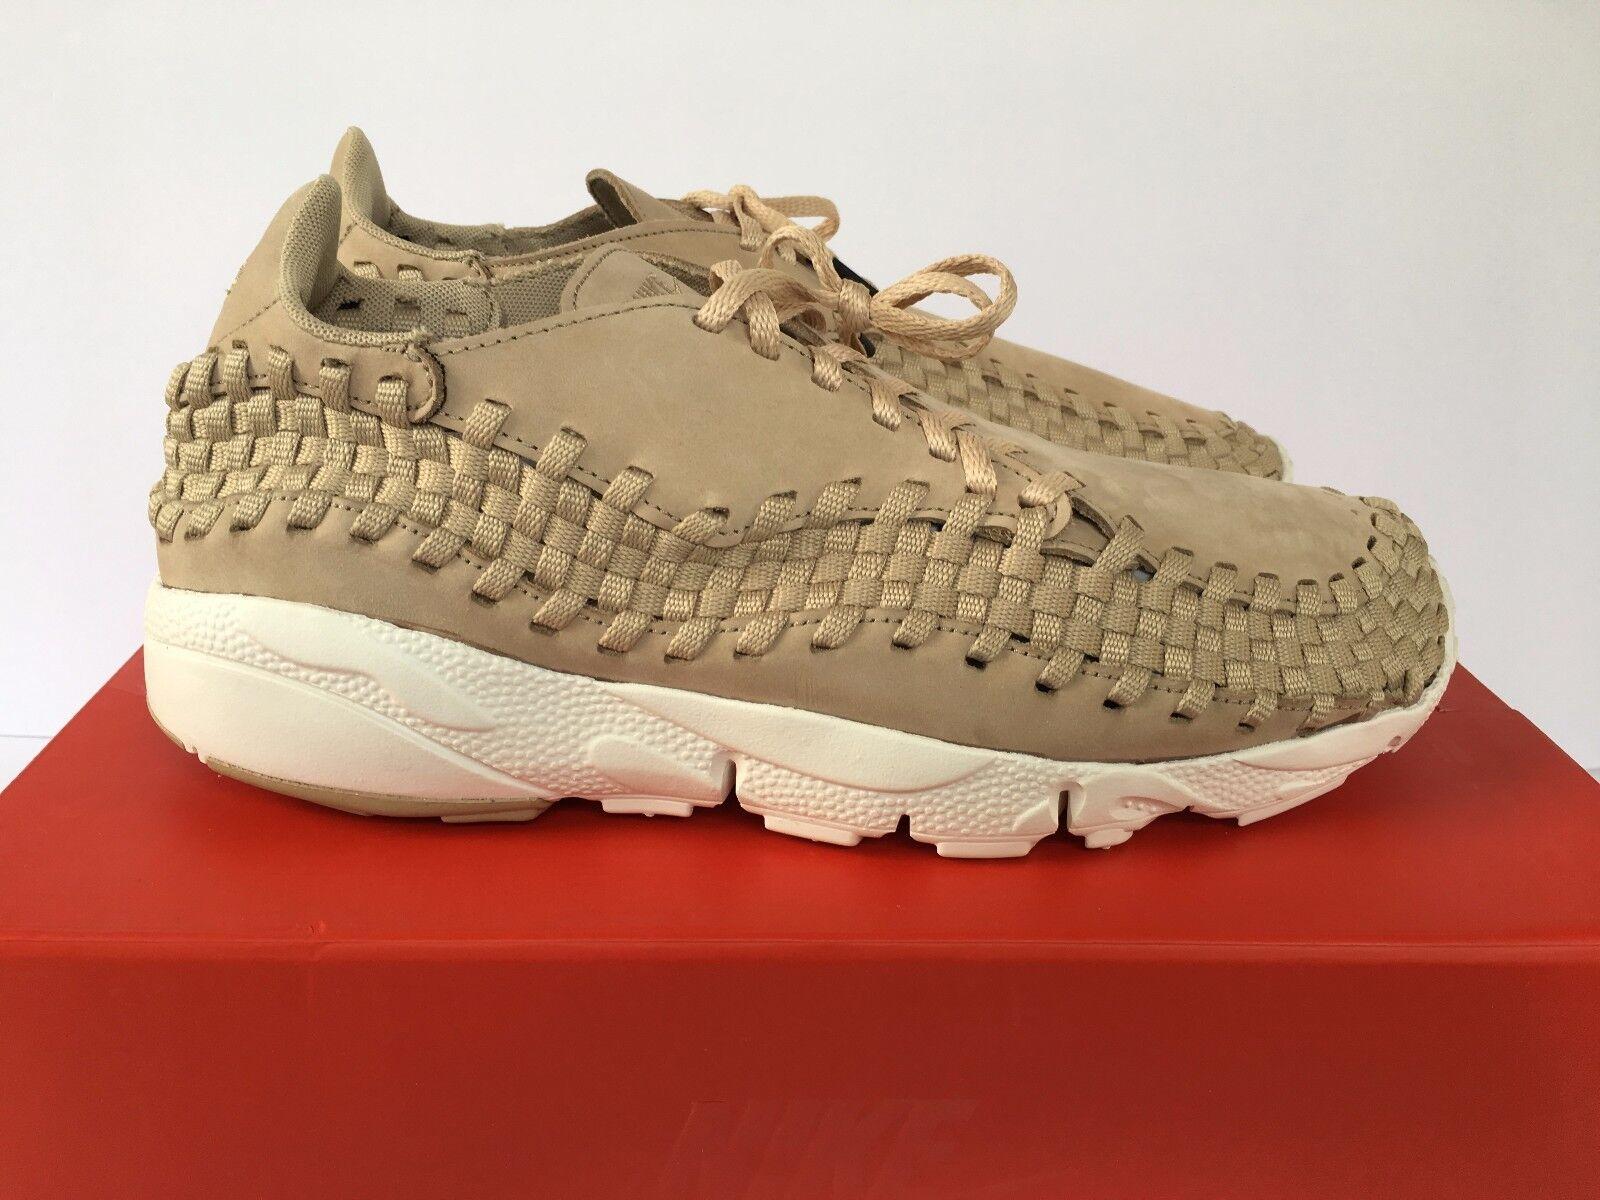 Men Nike NikeLab Air Footscape Woven NM Sz 10.5 Linen Sail Tan New 874892-200 Cheap and beautiful fashion